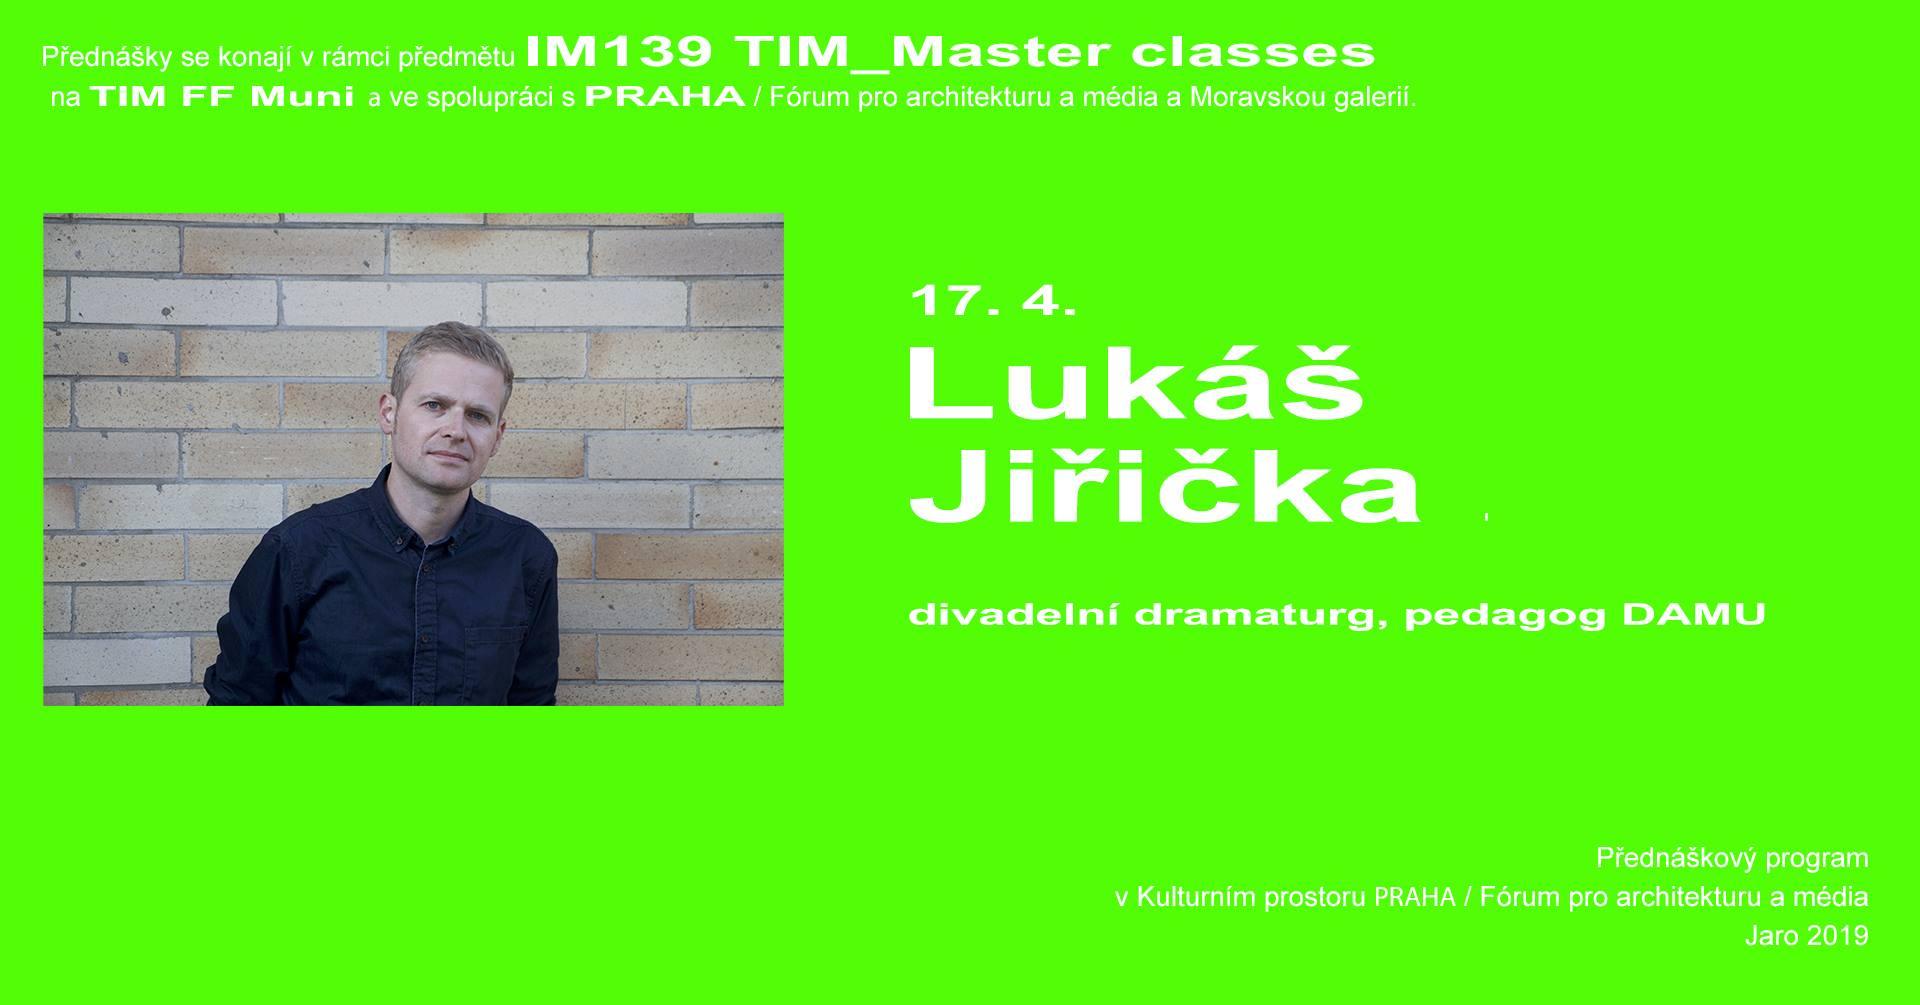 ST / 17.4. / 19.00 / TIM Master class: Lukáš Jiřička – Postspektakulární modely v performance / přednáška, diskuse